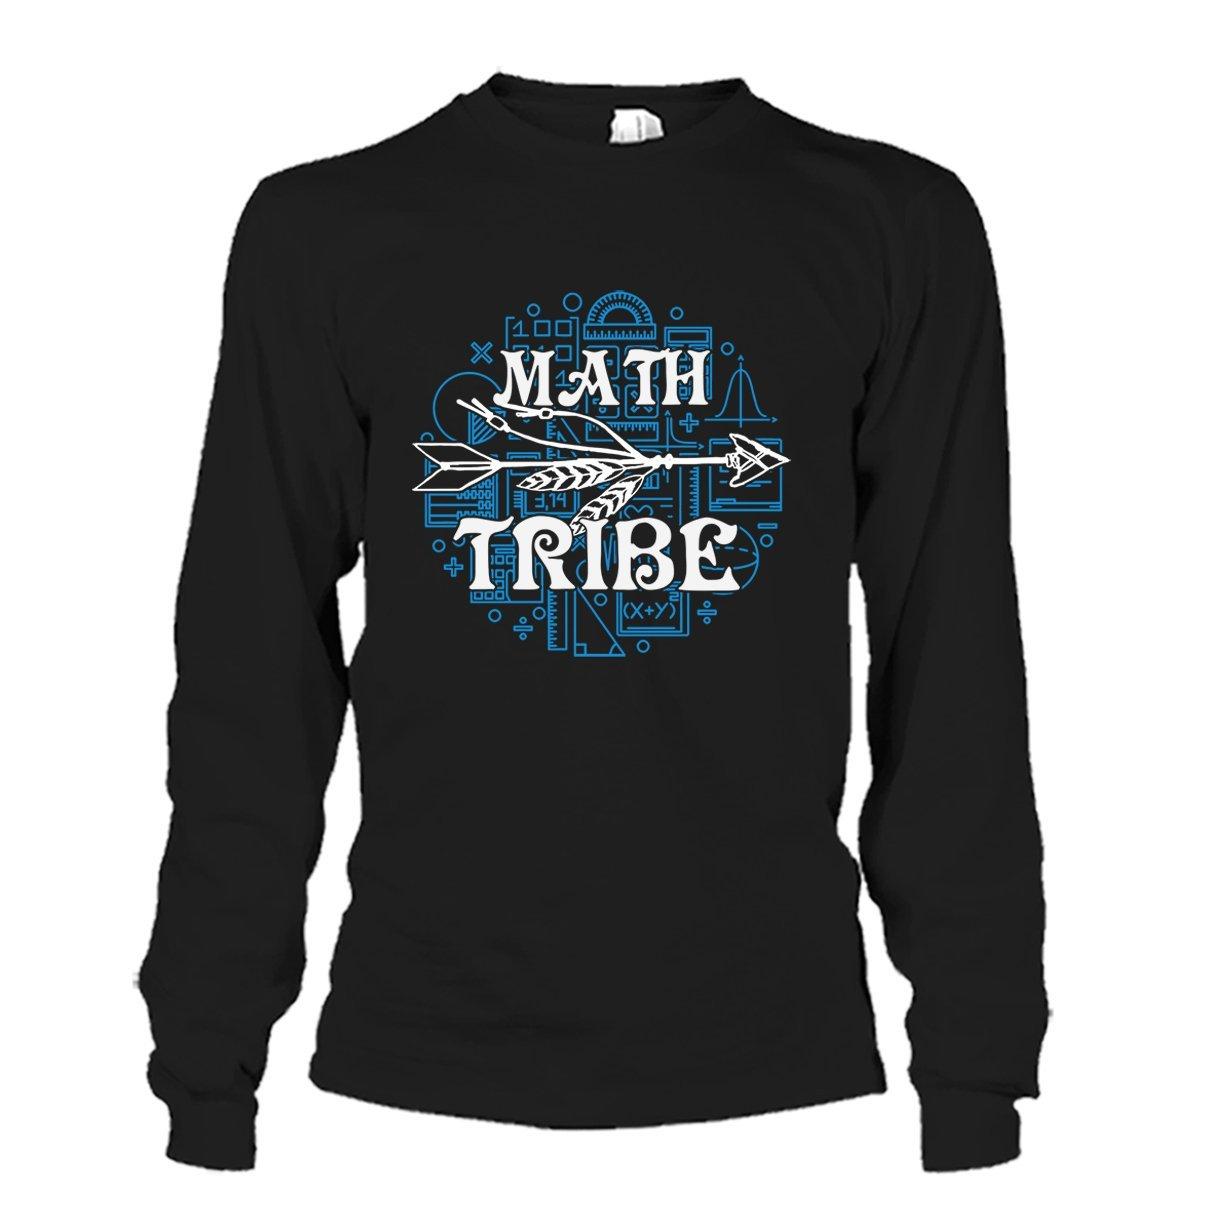 Sweatshirt Hoodie Im A Math Teacher Tee Shirt